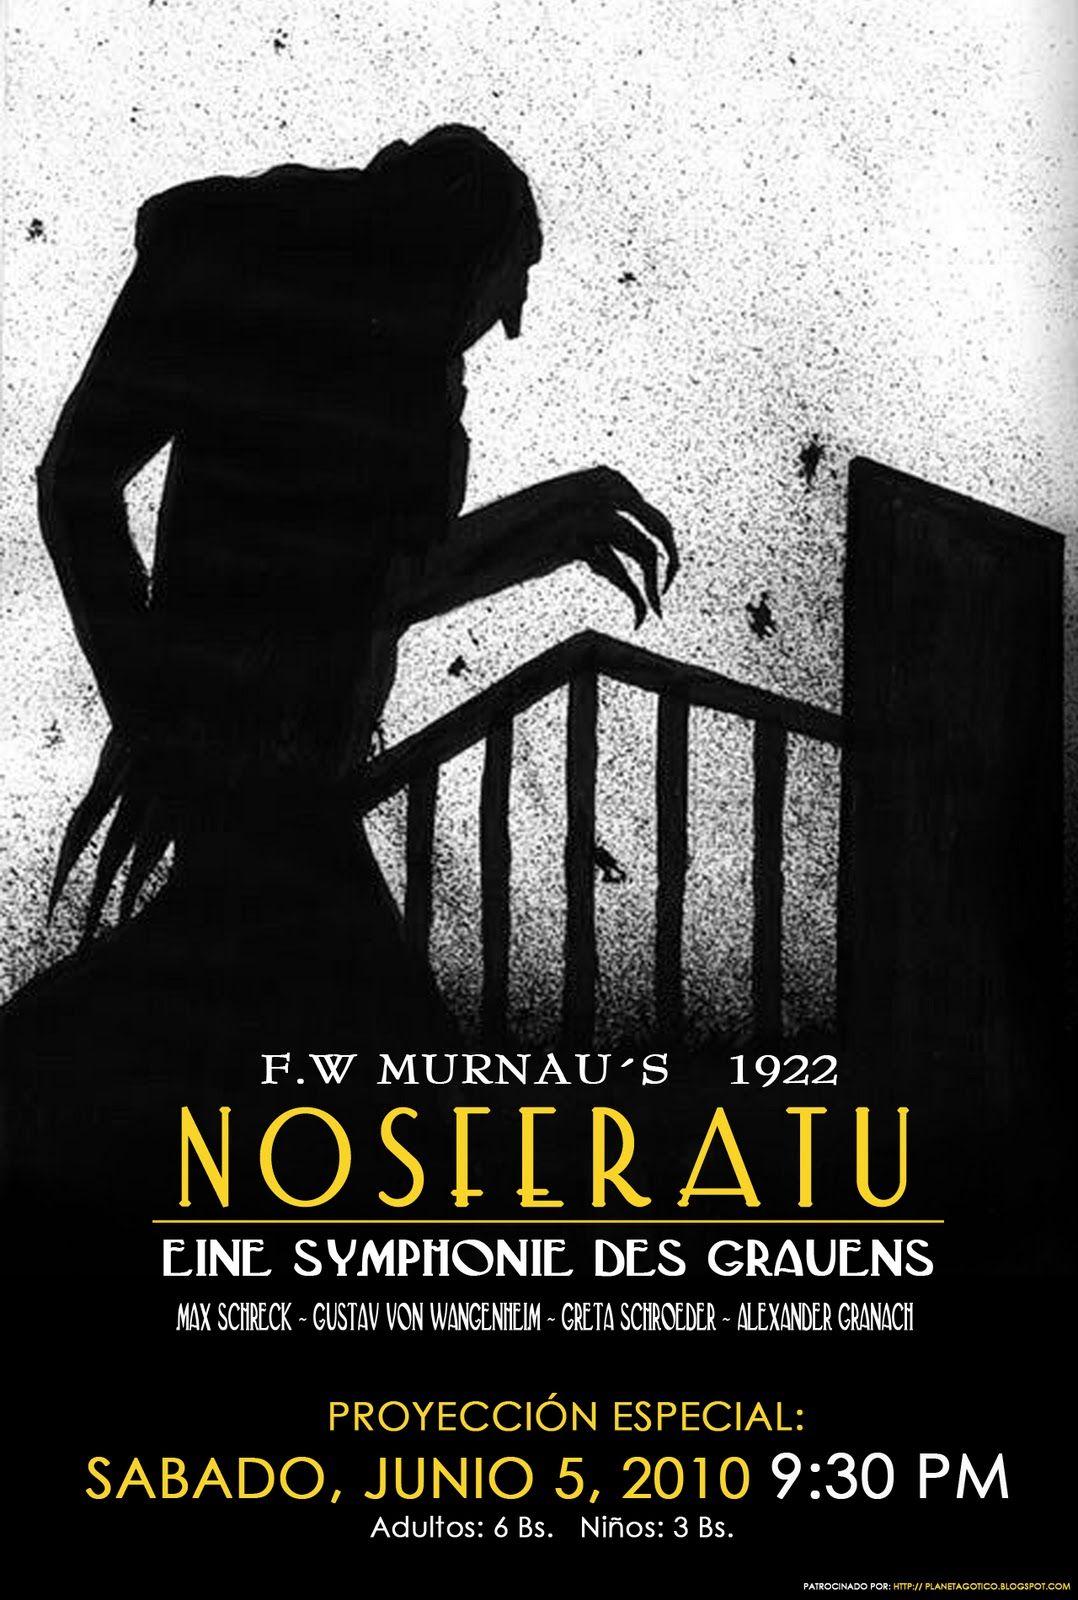 Nosferatu Eine Symphonie Des Grauens Nosferatu A Symphony Of